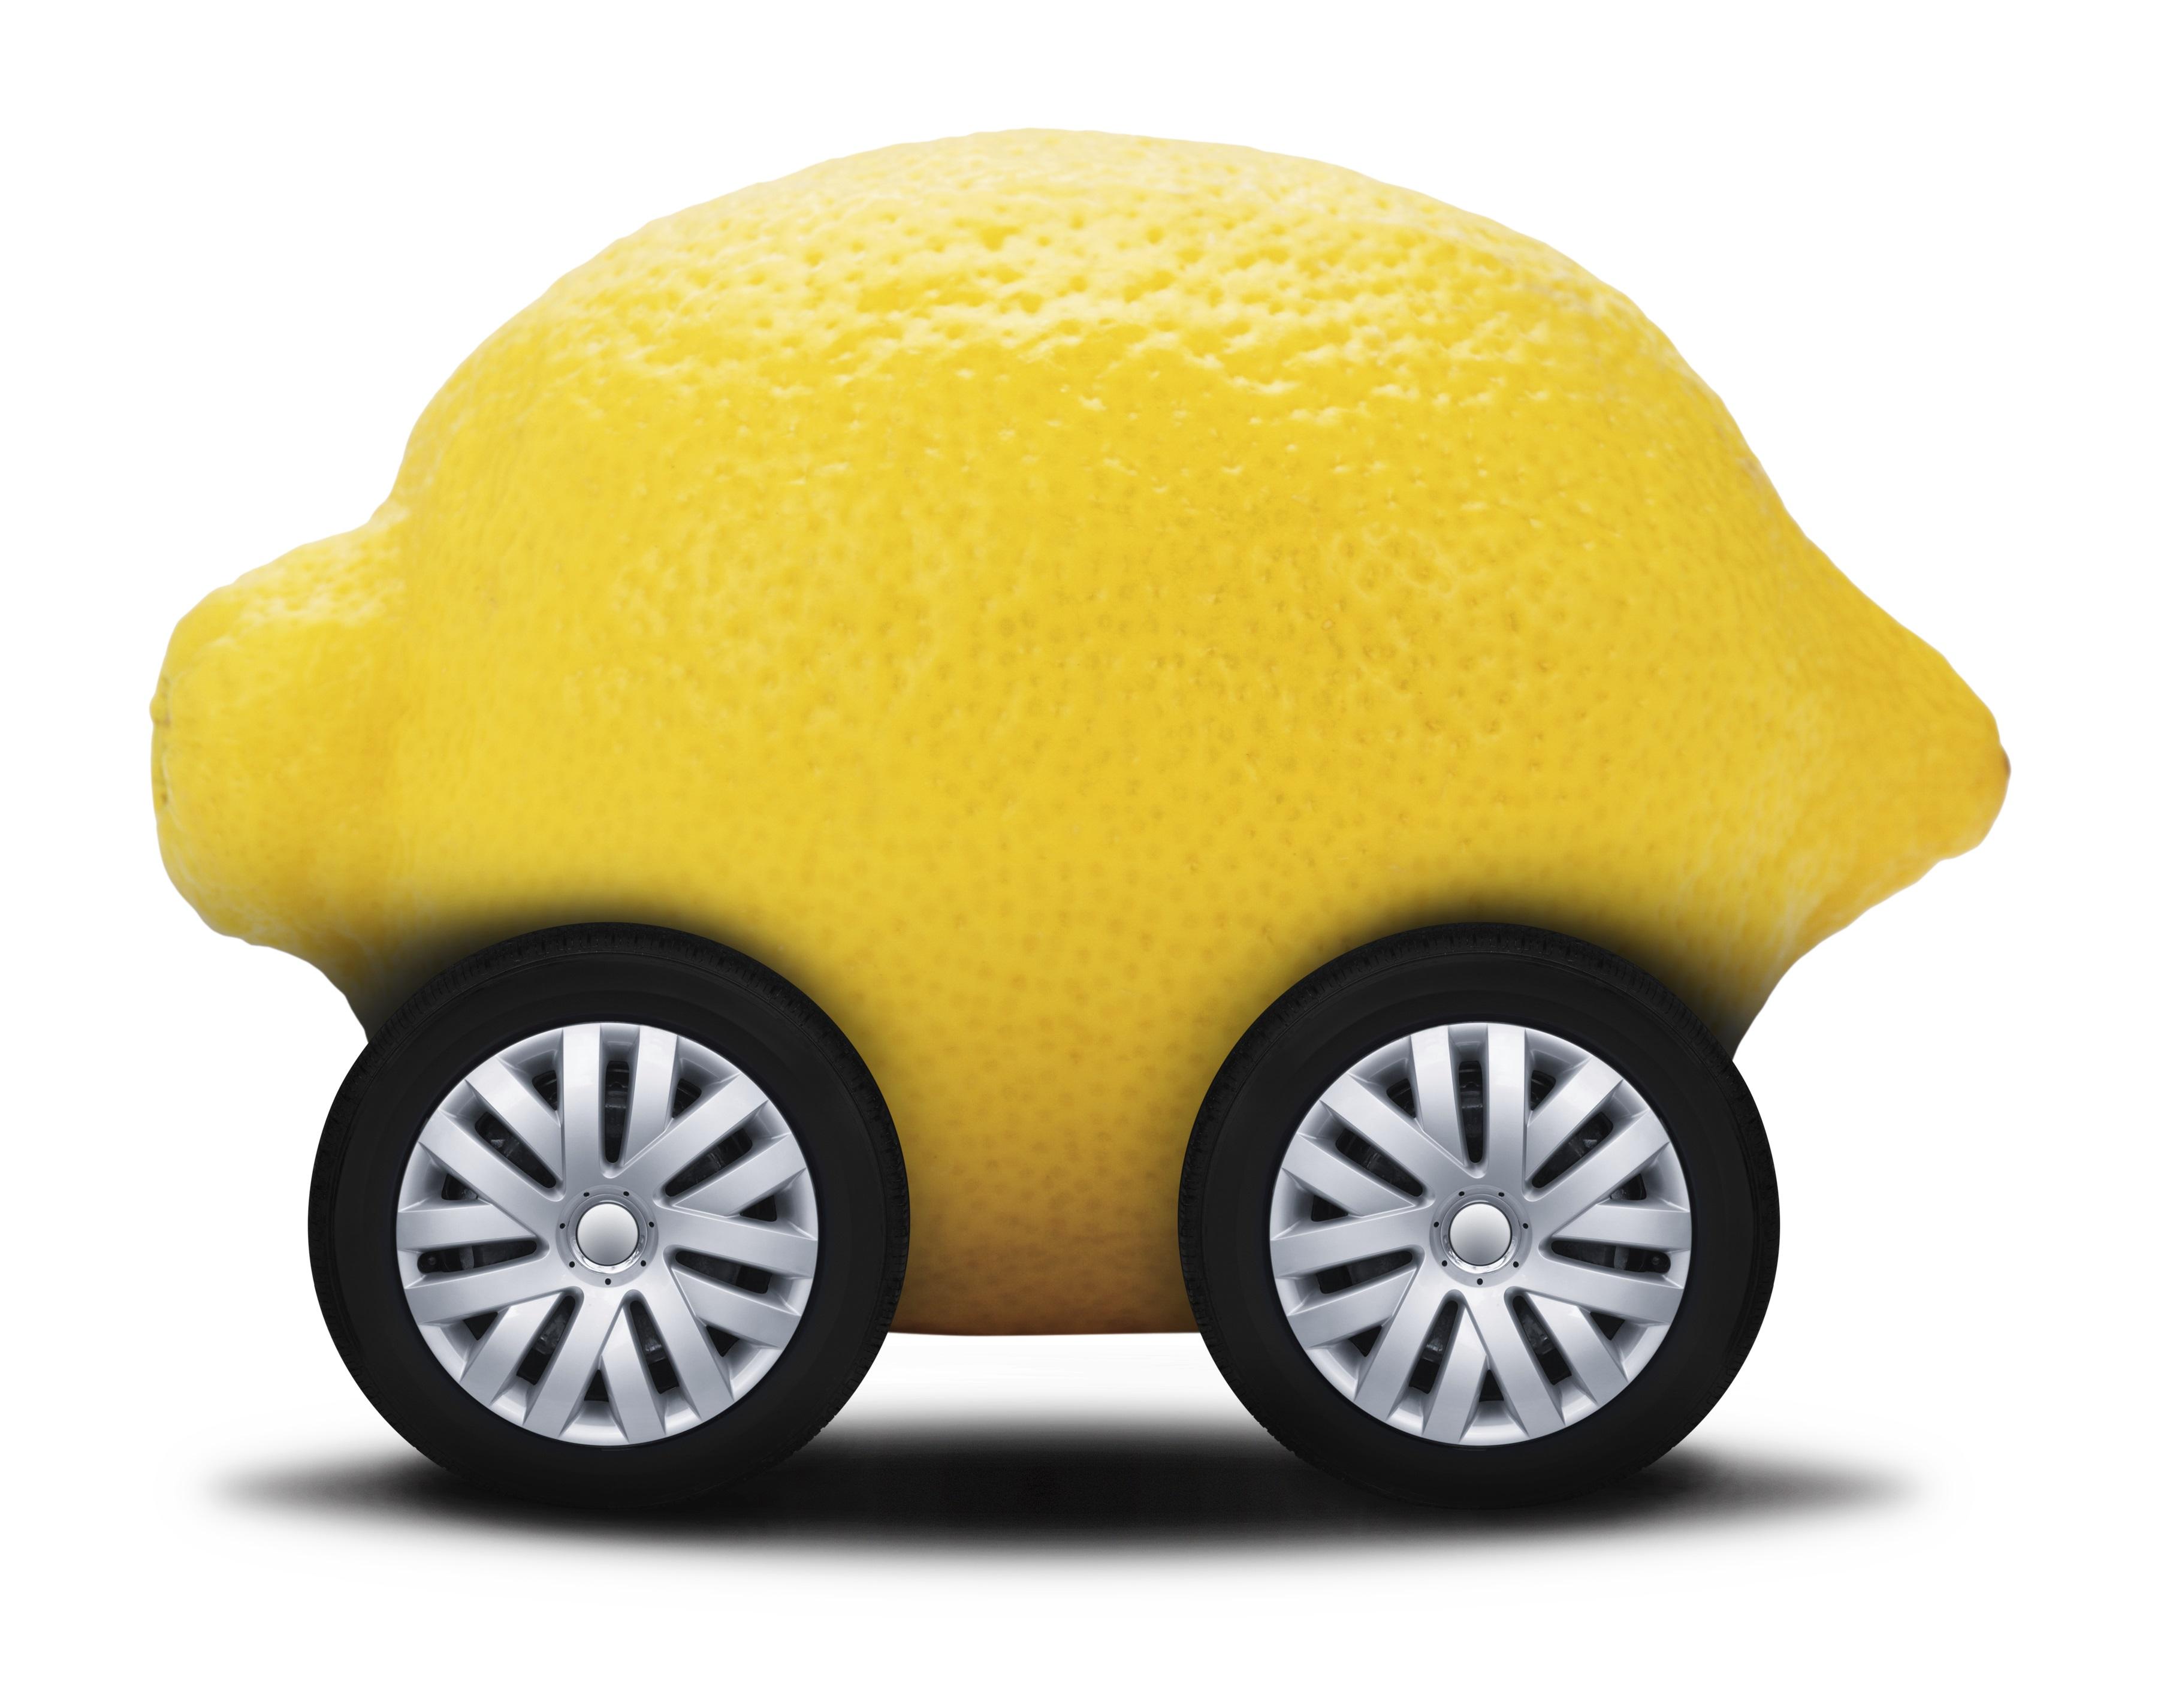 Lemon Laws Revisited   Cash for Cars Northwest